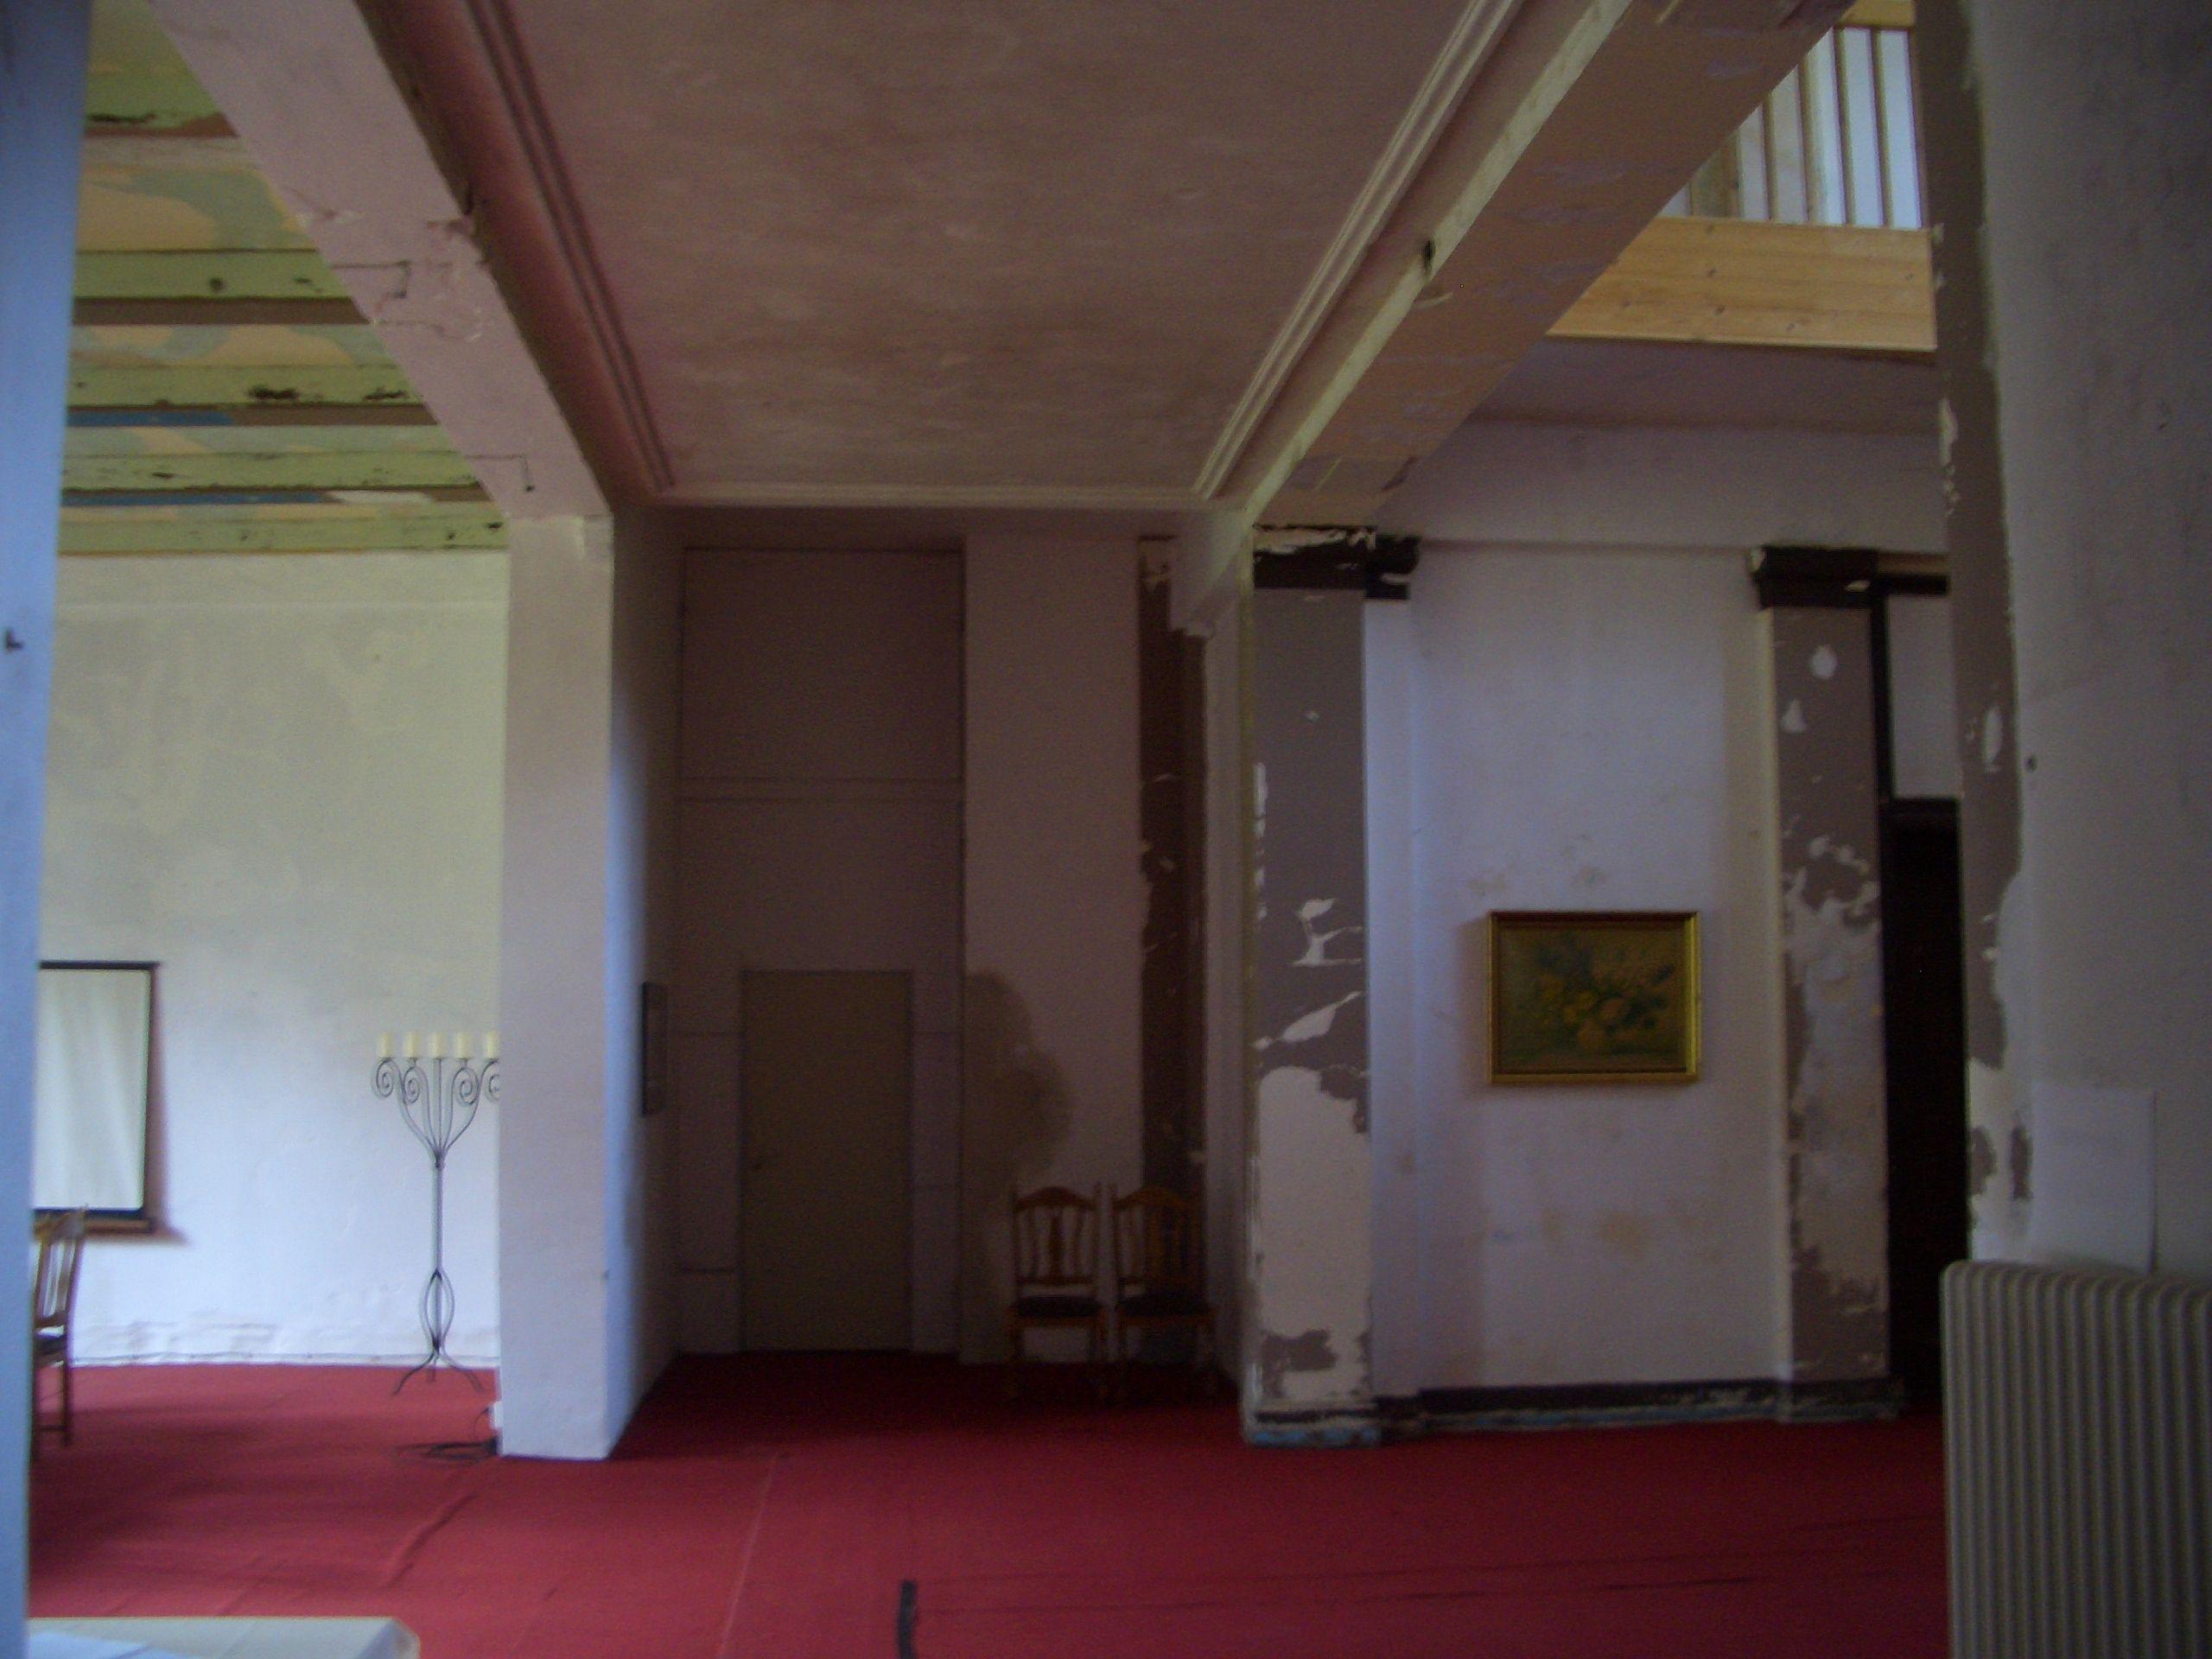 Halle im Erdgeschoss. Schloss Börnicke um 2010.   Ideas to Explore ...